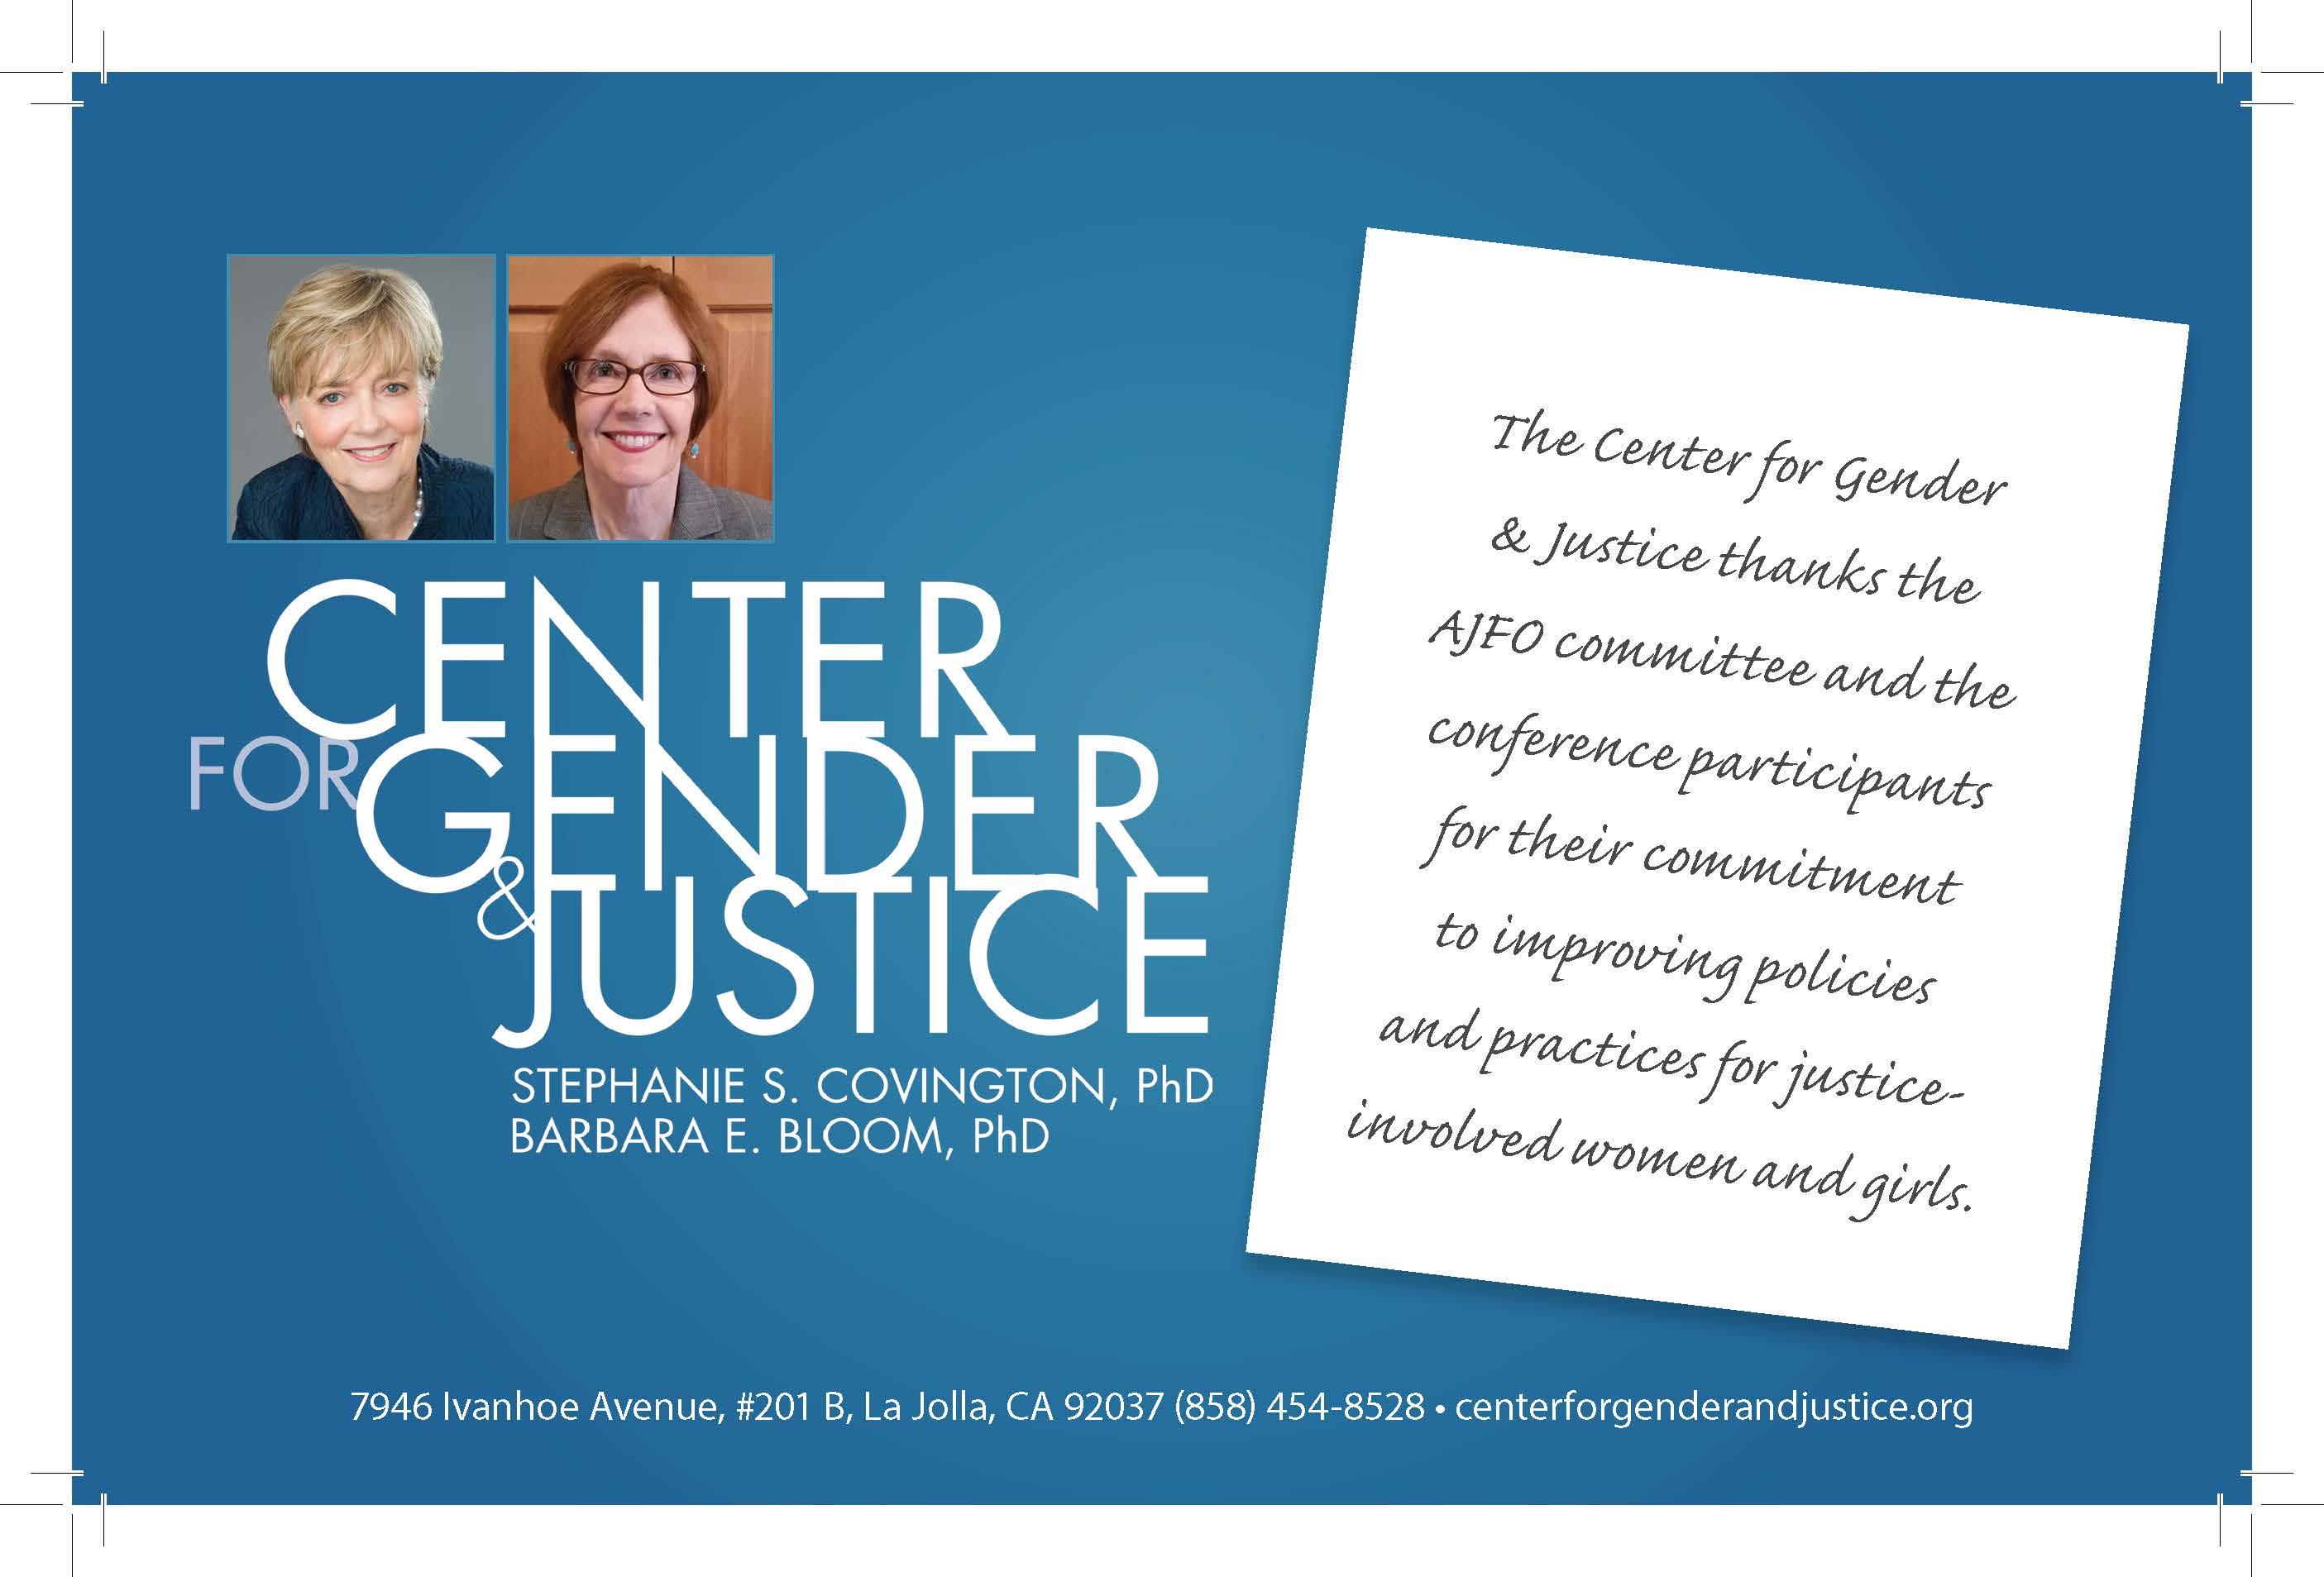 Center for Gender & Justice